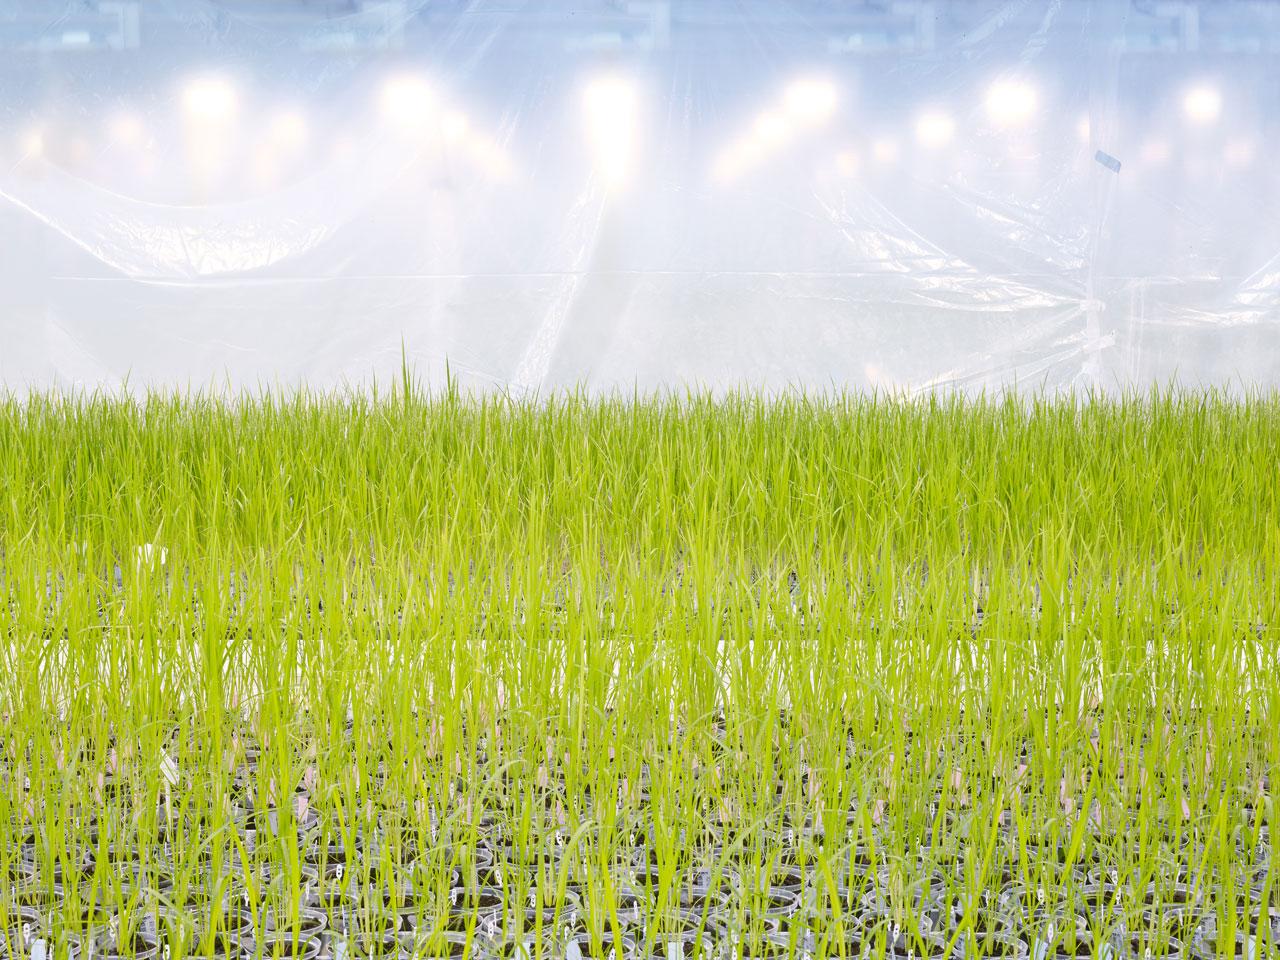 In Reih und Glied: Die genmanipulierten Reispflanzen werden automatisch auf Förderbändern bewegt, um ihr Wachstum zu kontrollieren.